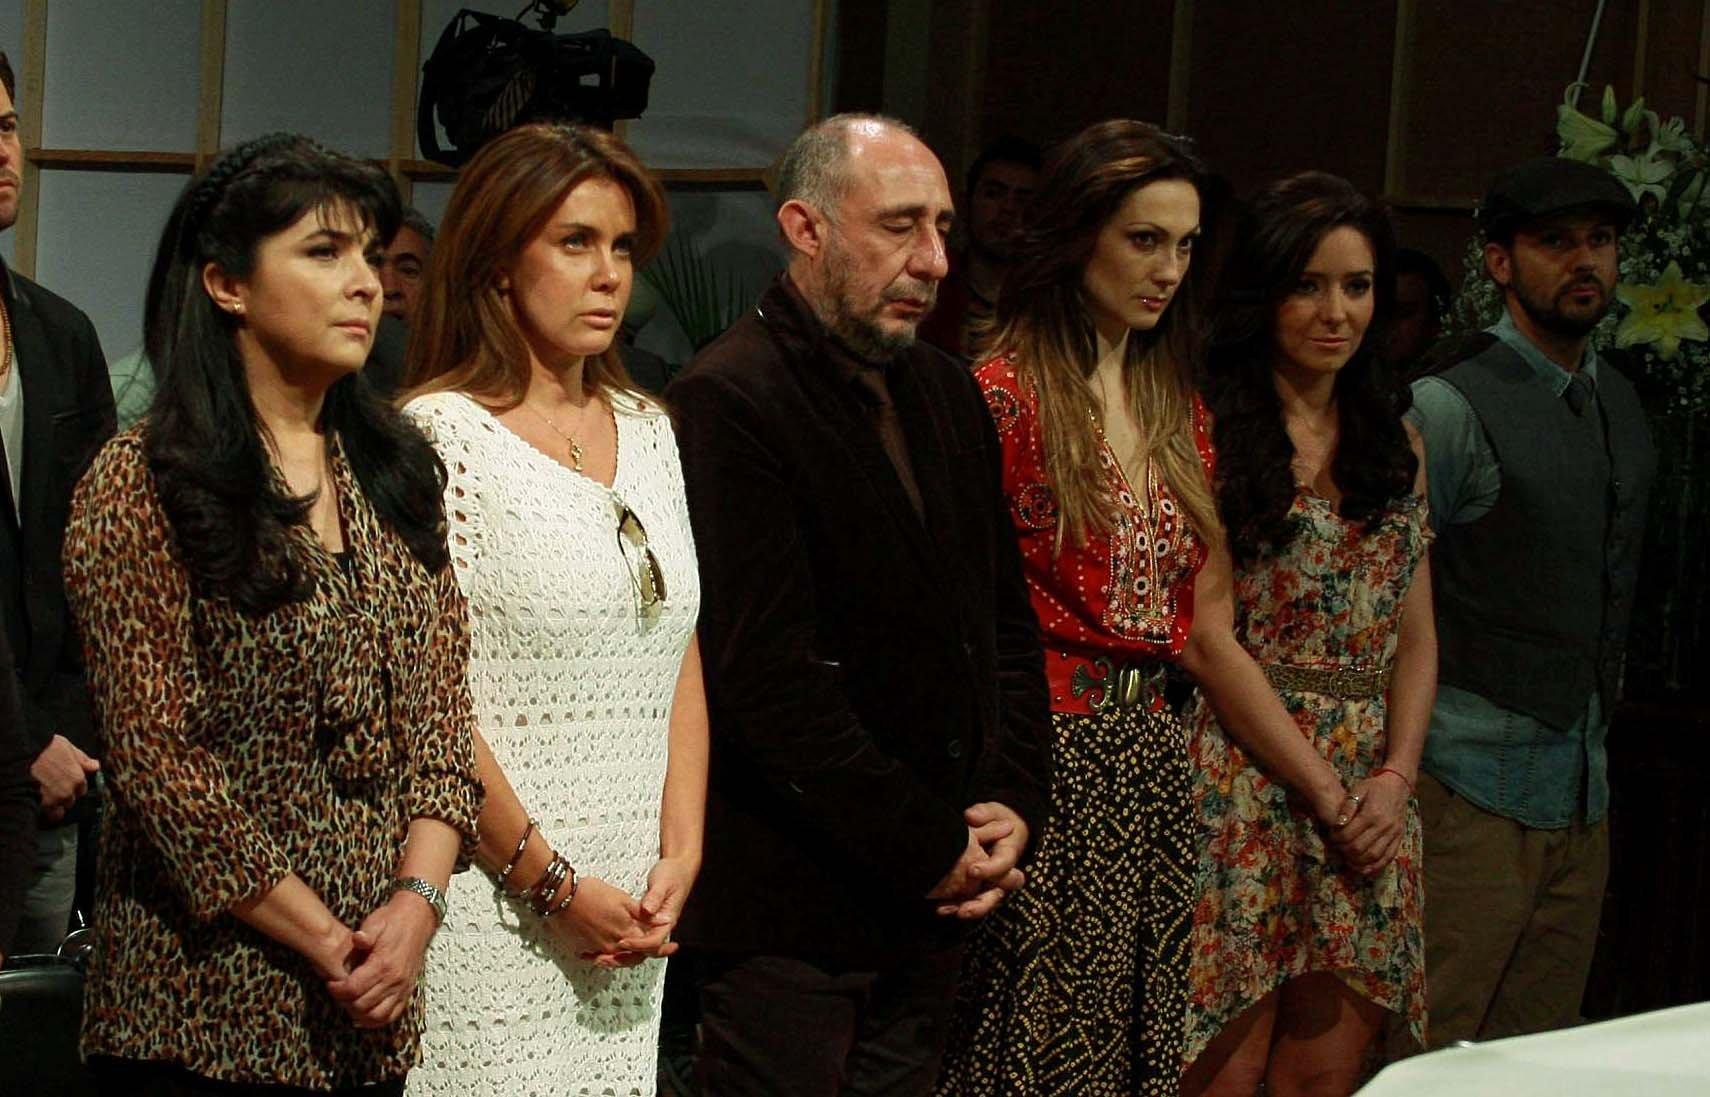 La Malquerida Begins Filming in Mexico City